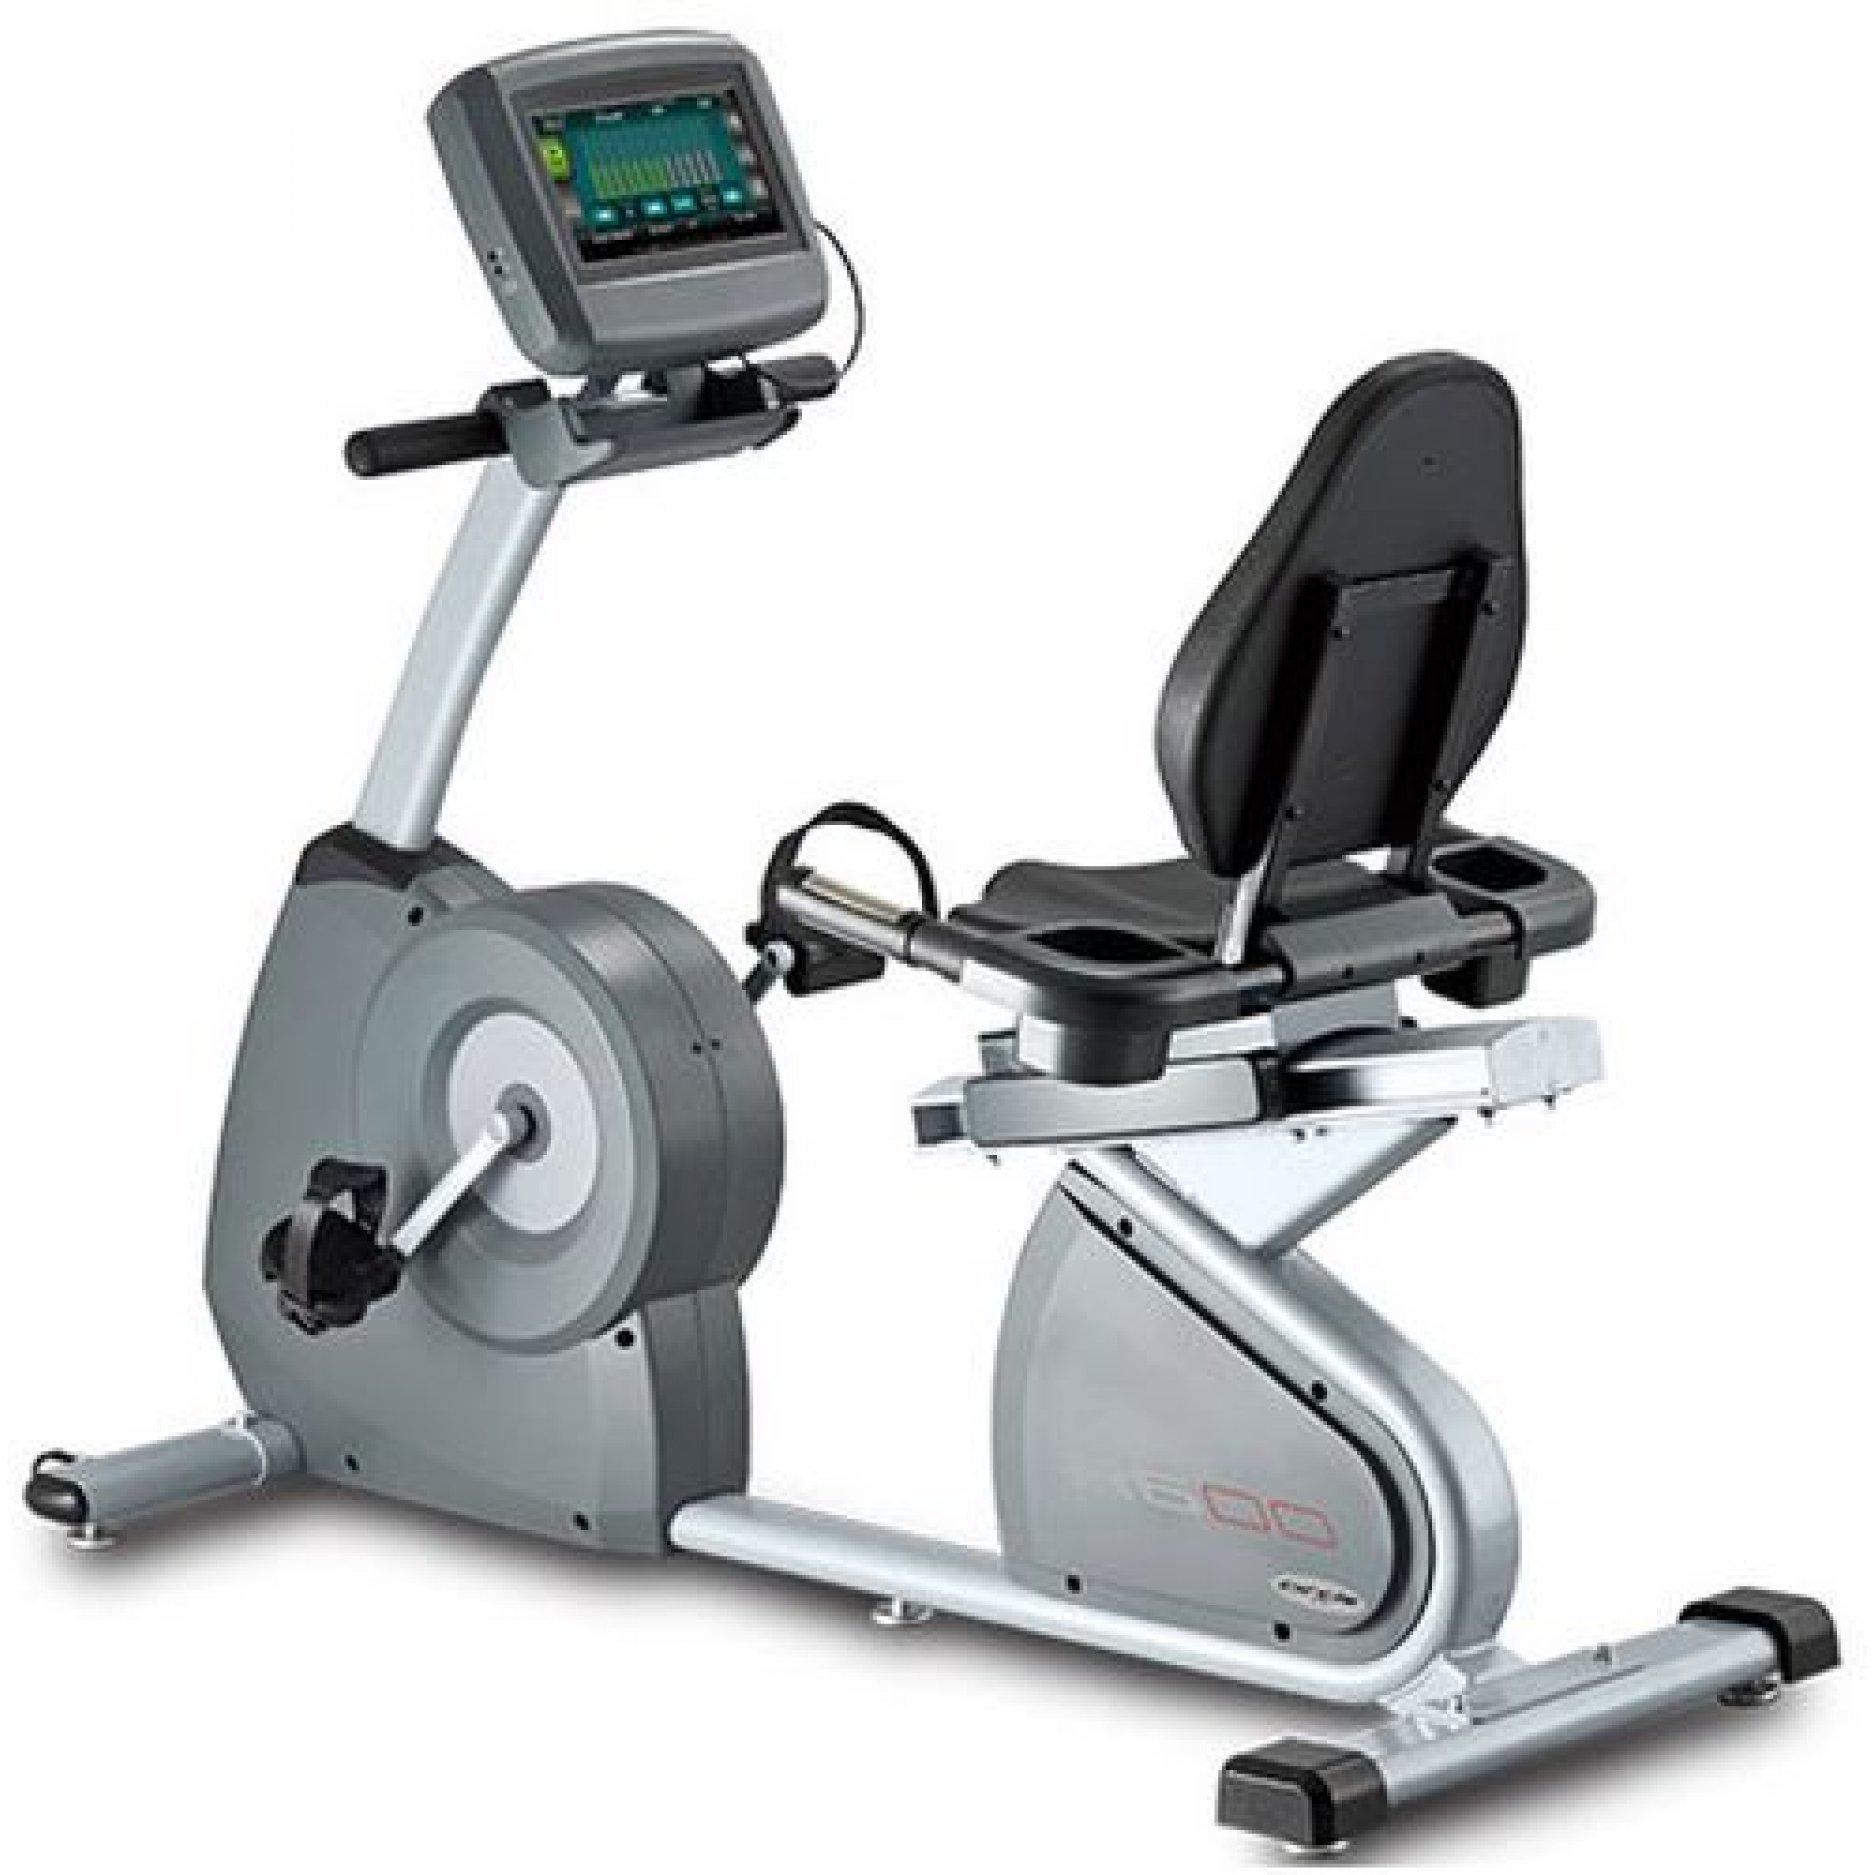 Горизонтальный велотренажер с TFT LCD дисплеем Circle Fitness R6 E